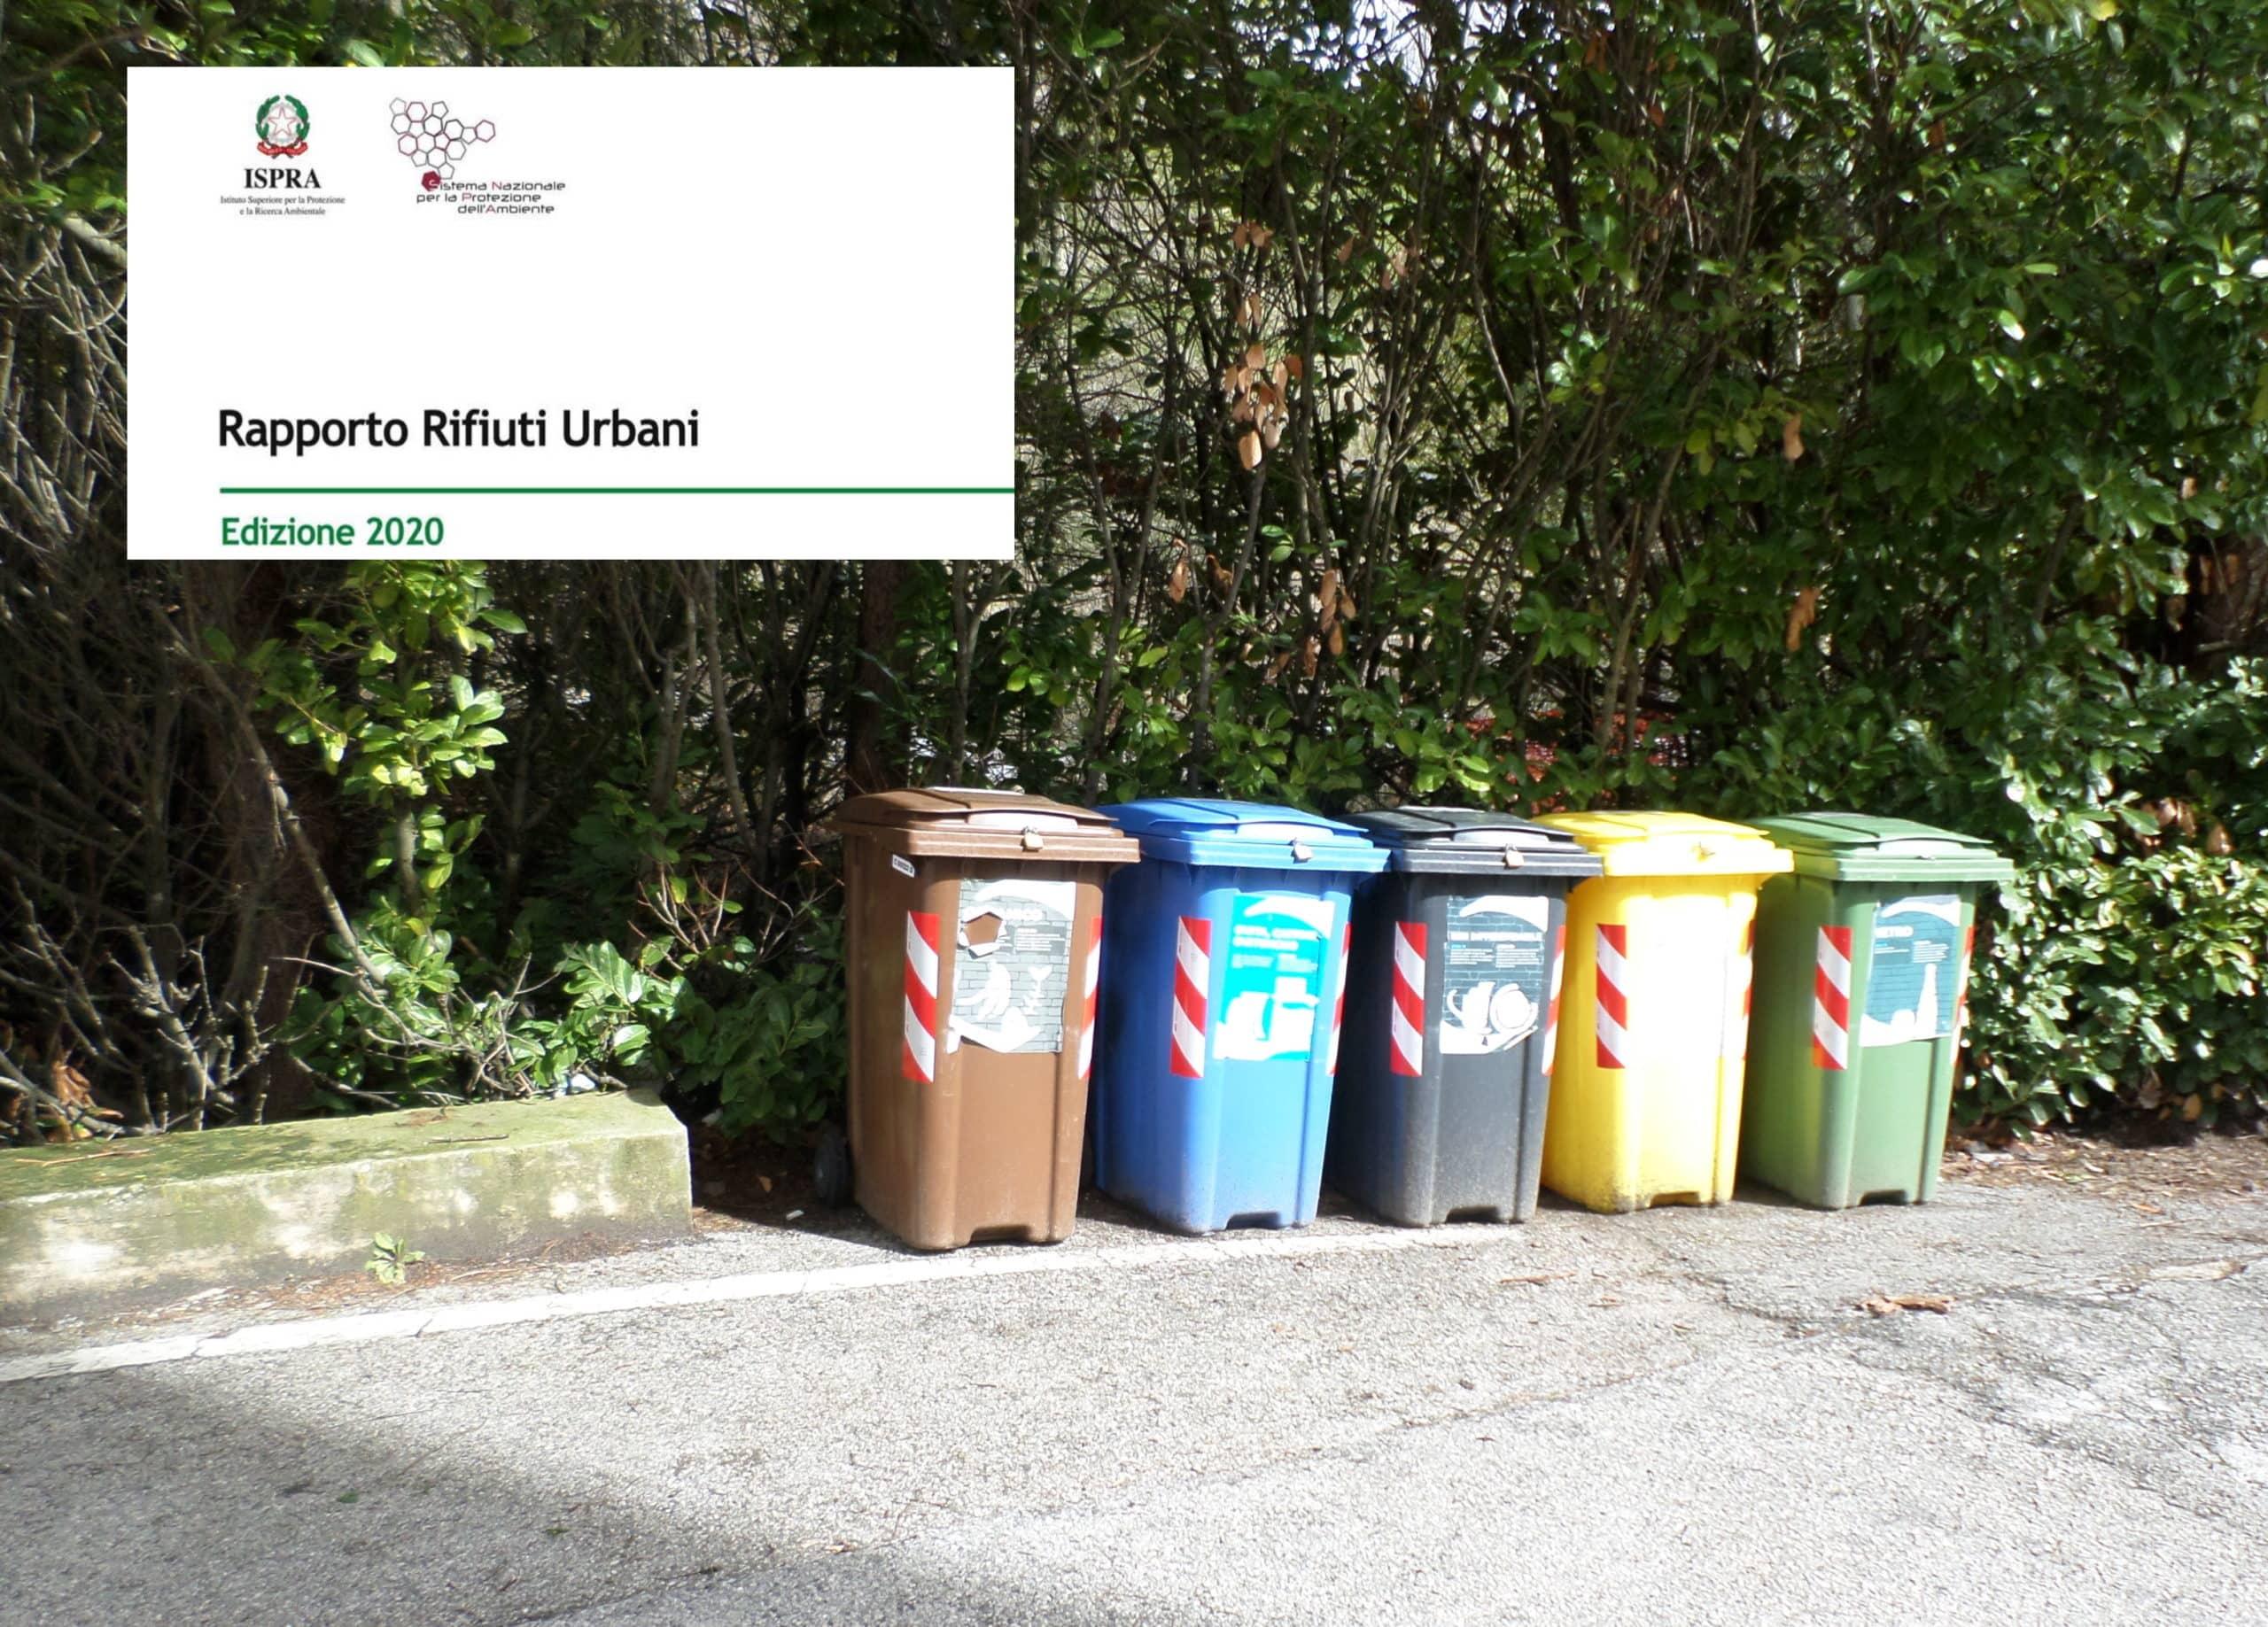 ISPRA Rpporto rifiuti 2020